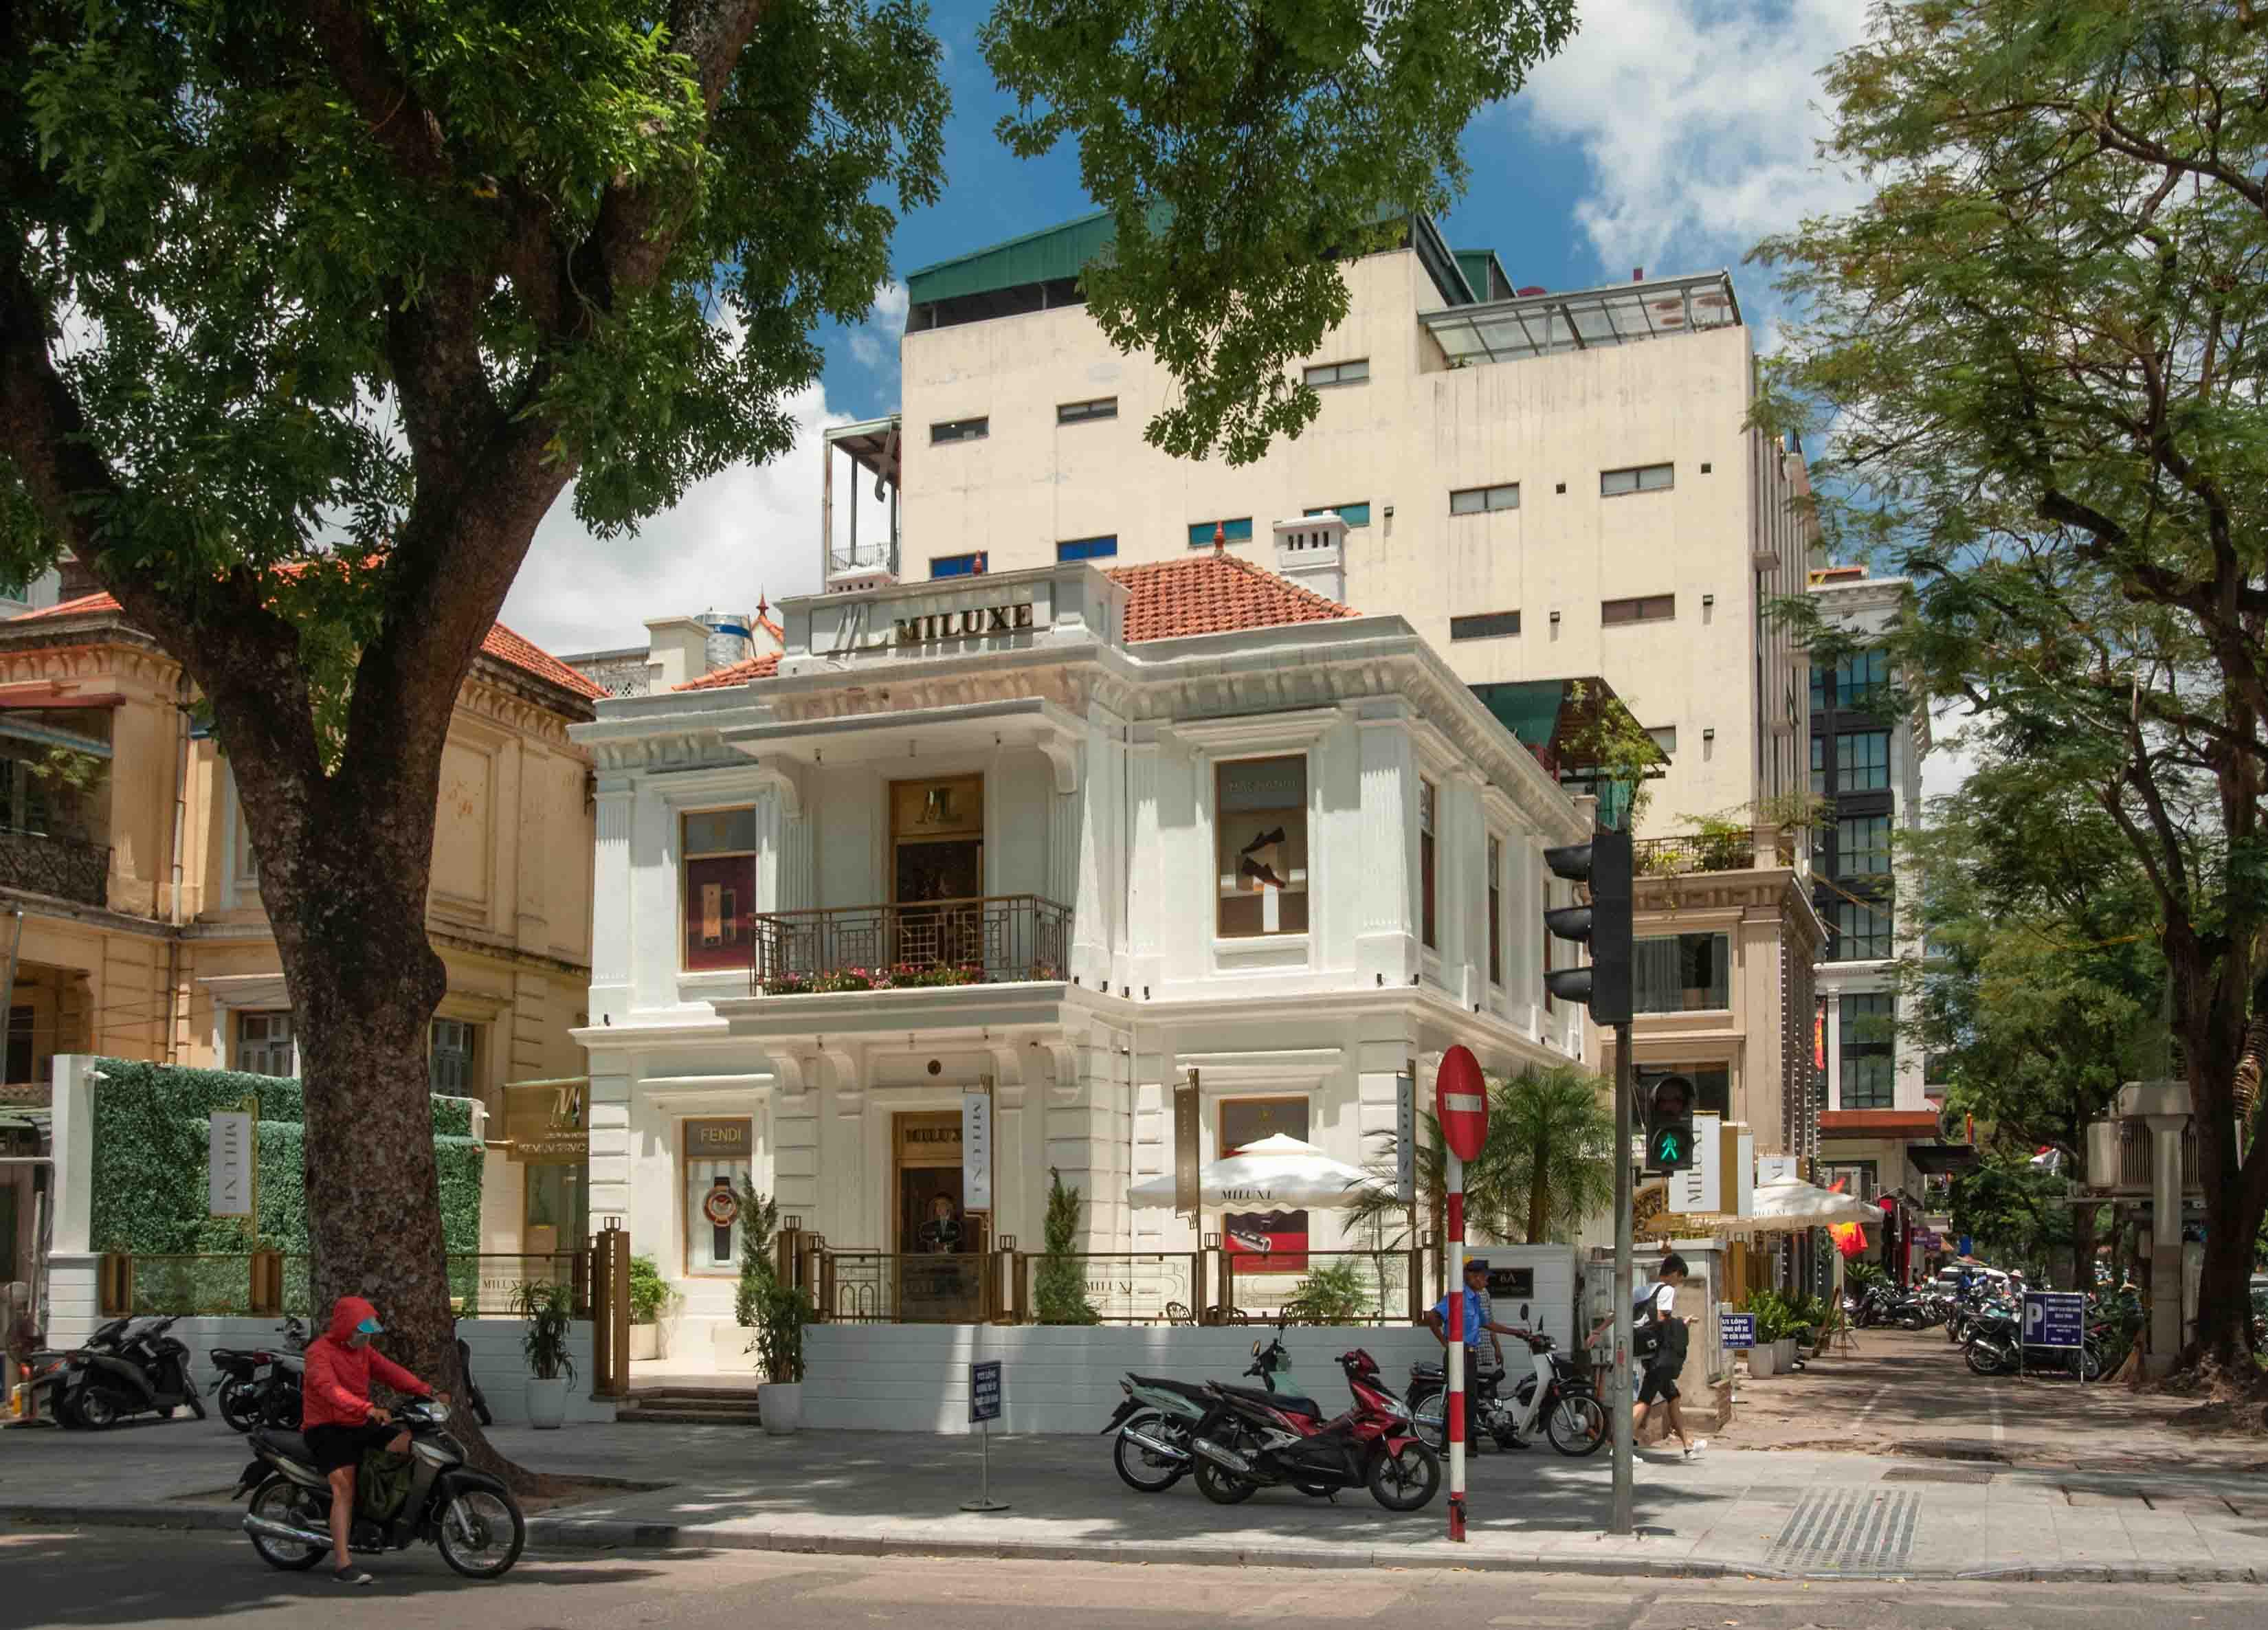 Hình 4a. Biệt thự ở Hà Nội theo phong cách cổ điển thuần túy - Biệt thự số 6B Quang trung (Ảnh: KTS Nguyễn Phú Đức)